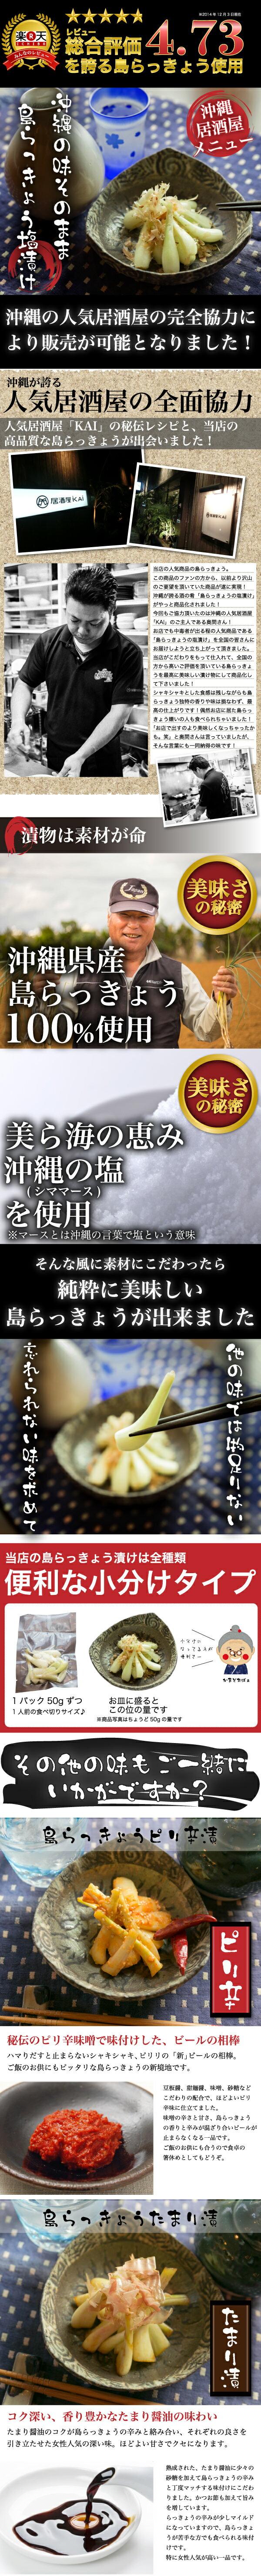 島らっきょう塩漬け200g 沖縄産らっきょうの仕入れにもこだわった逸品 50g×4袋の小分けタイプで便利♪ピリ辛・たまり味も選べる! 2セット購入で更に200gオマケ!このコリコリシャキシャキを味わってください! |漬物 |